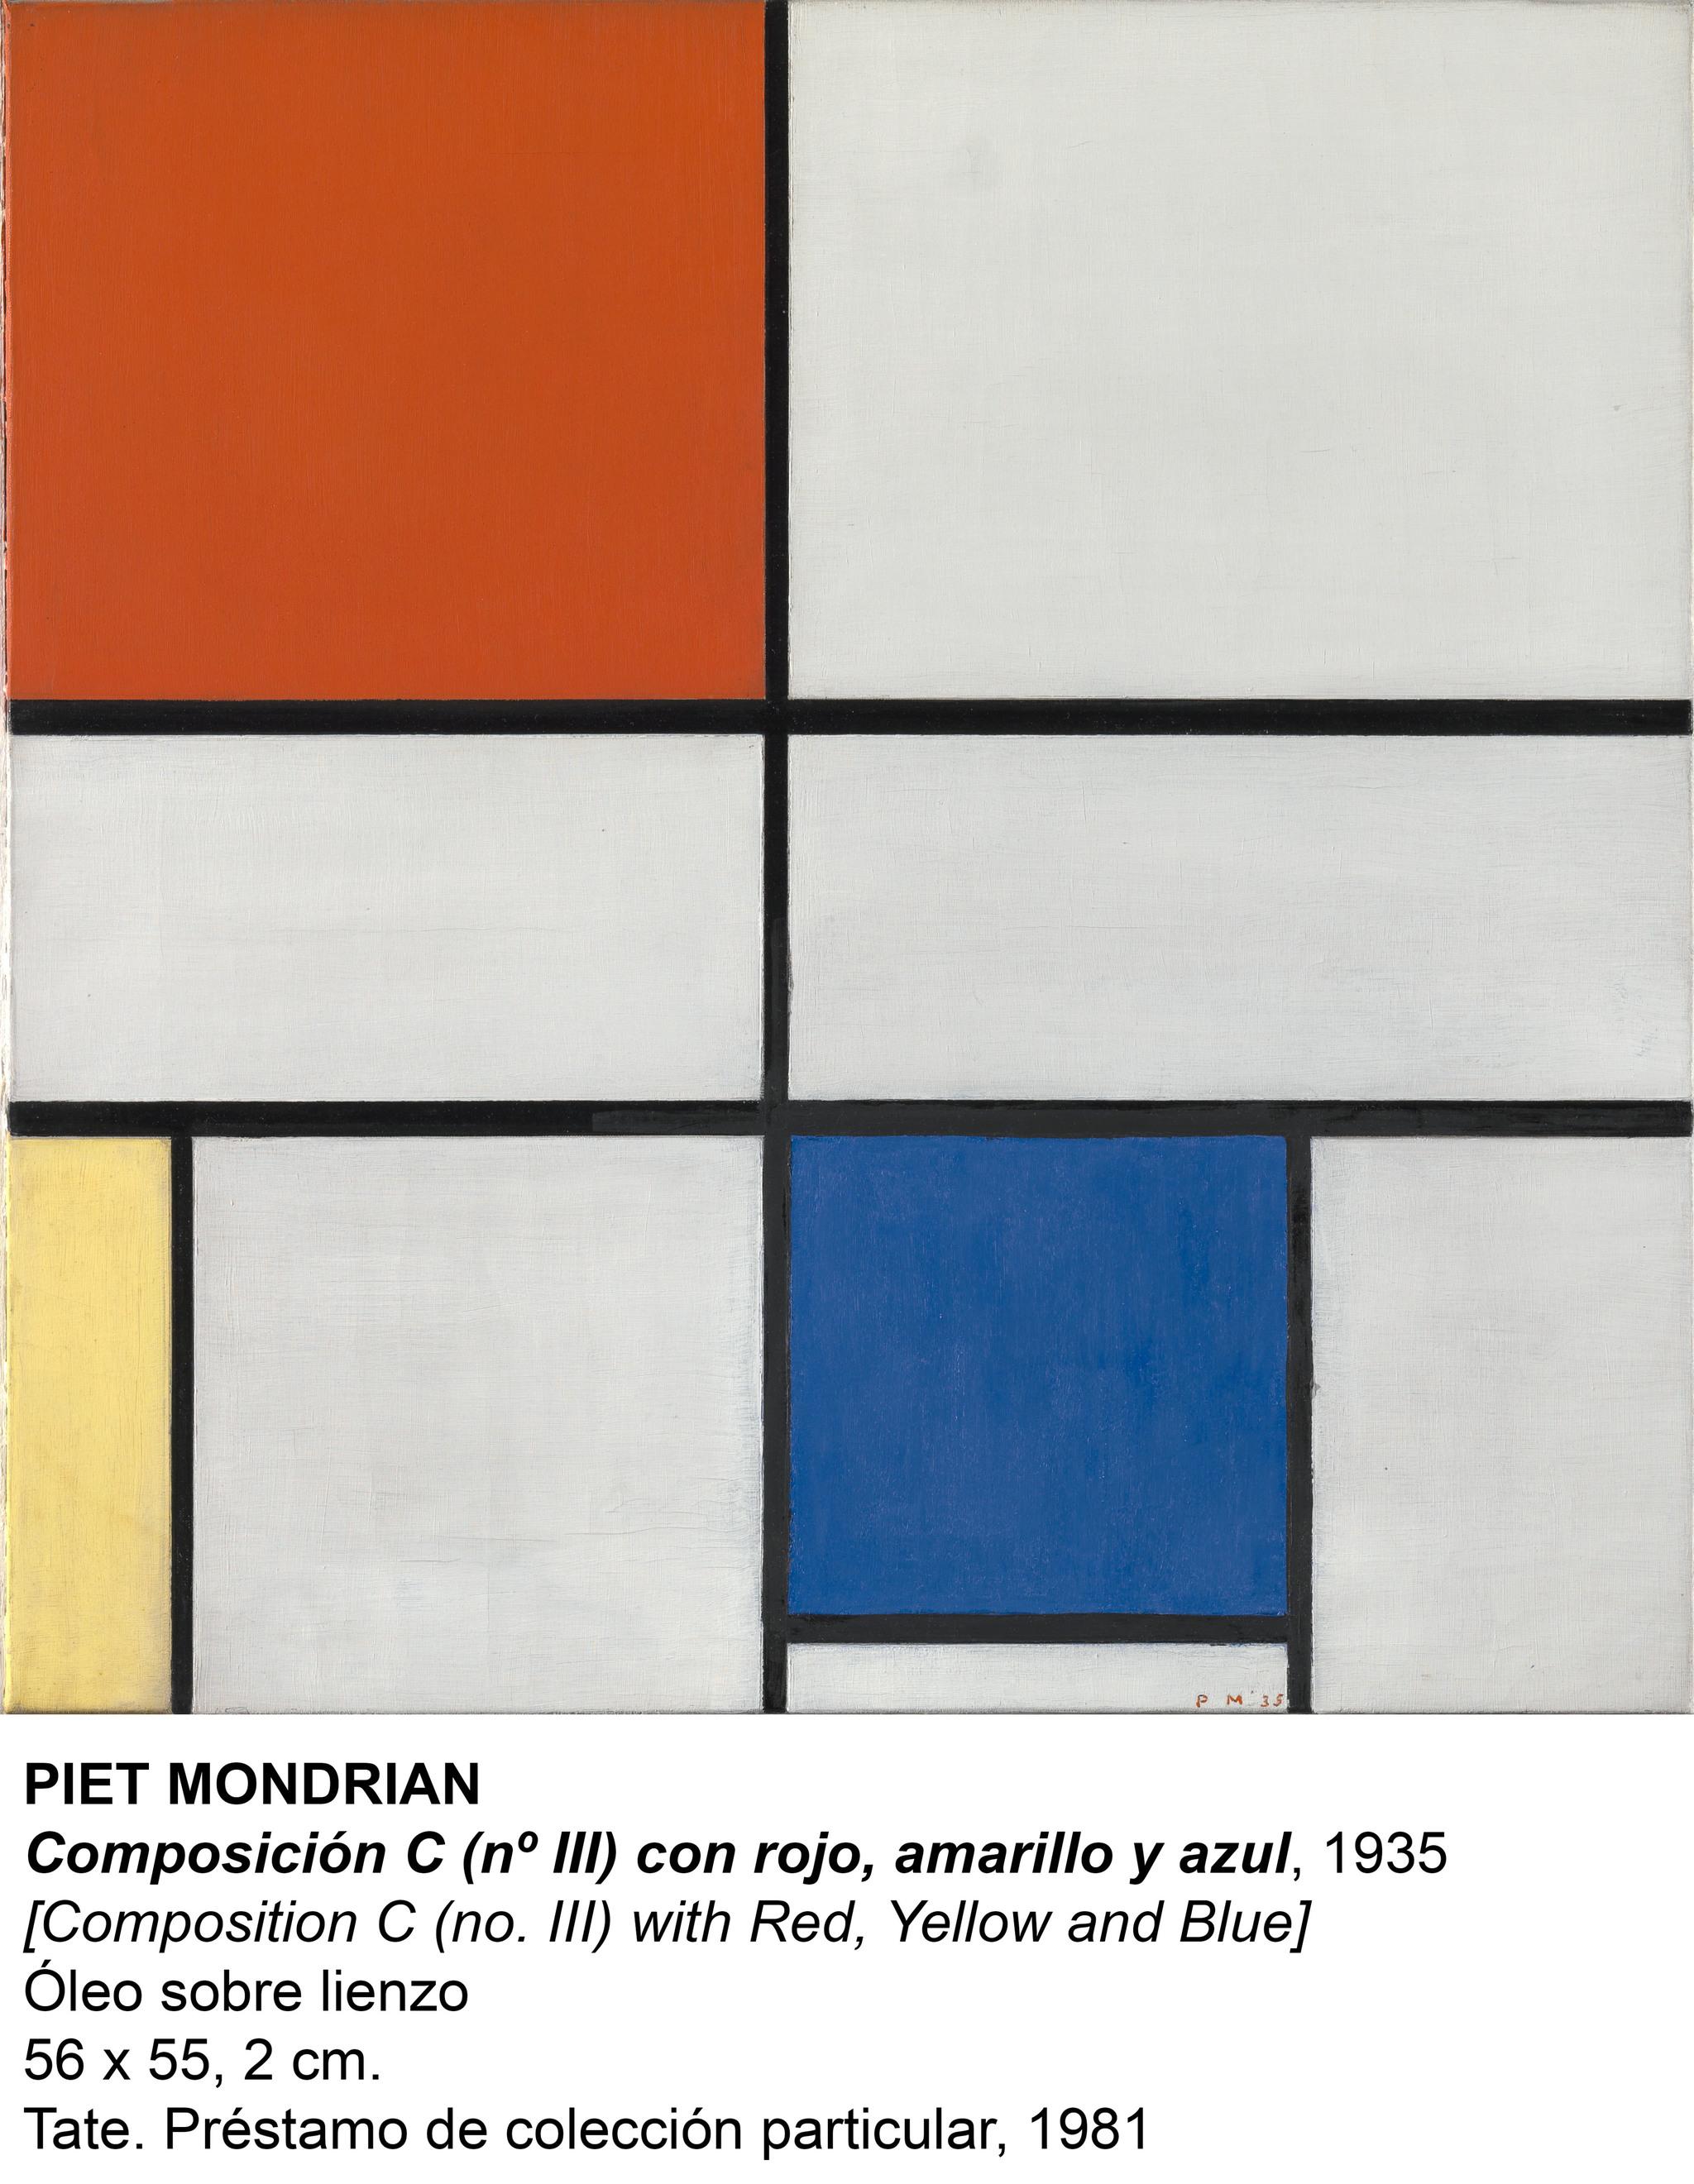 Composición C (n 3) con rojo, amarillo y azul, Piet Mondrian